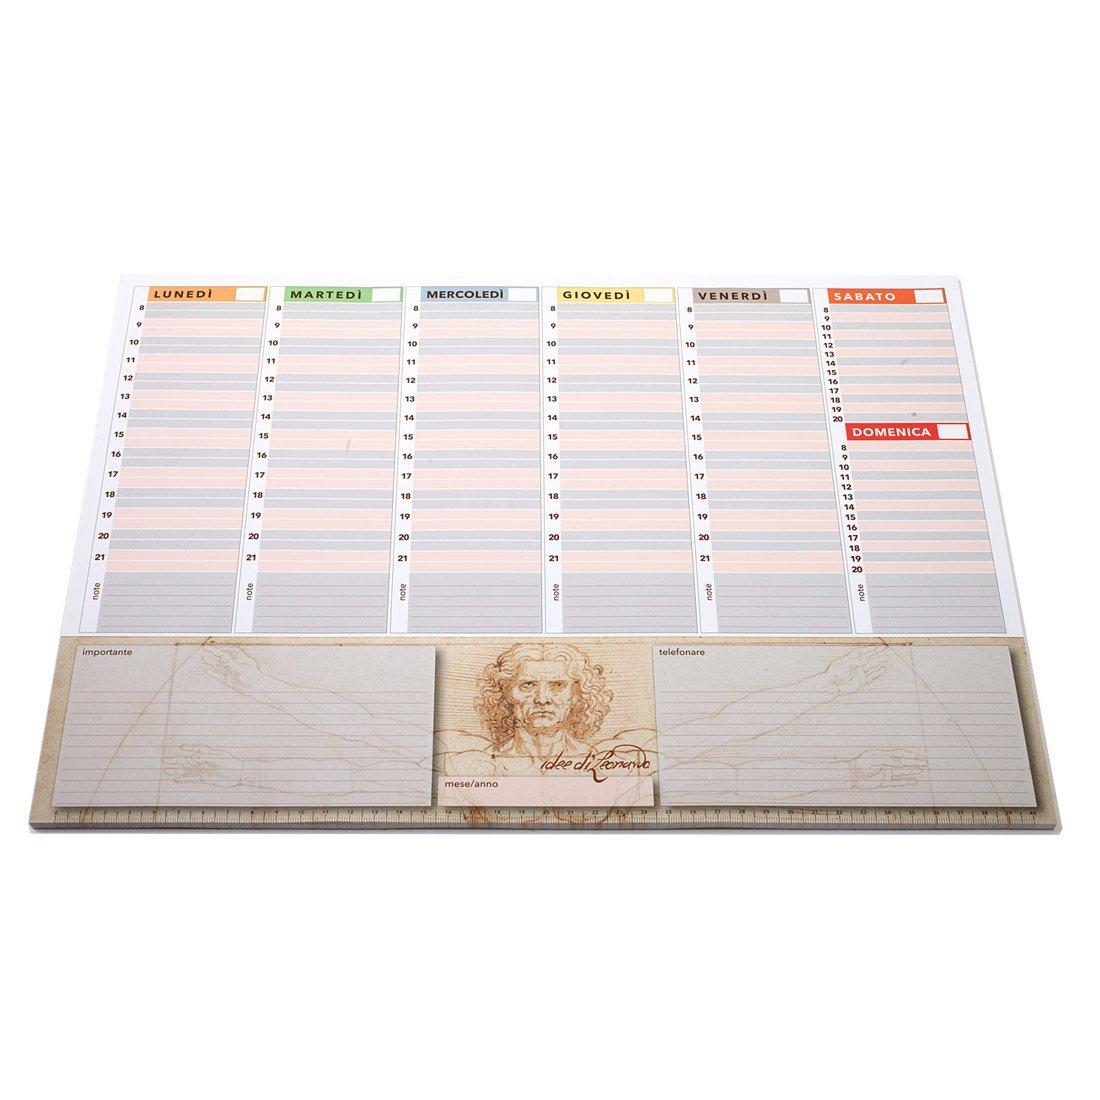 Planning settimanale 42x30 Vitruviano agenda planner da tavolo perpetua